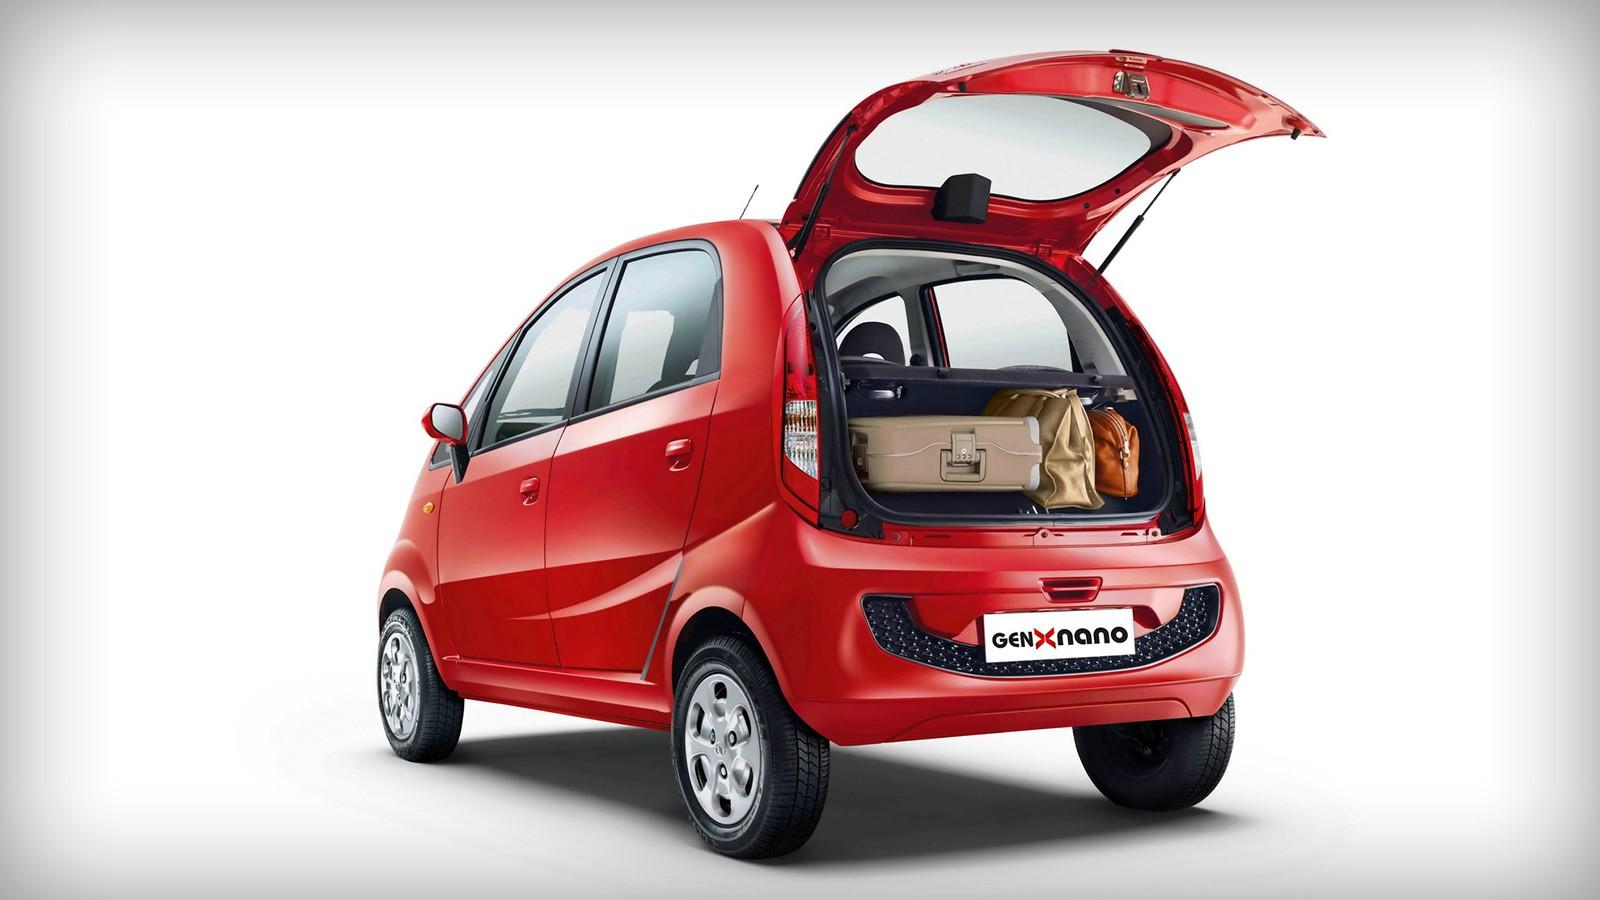 Дверь багажника у Tata Nano появилась только в 2015 году, до этого доступ к багажнику осуществлялся исключительно через салон